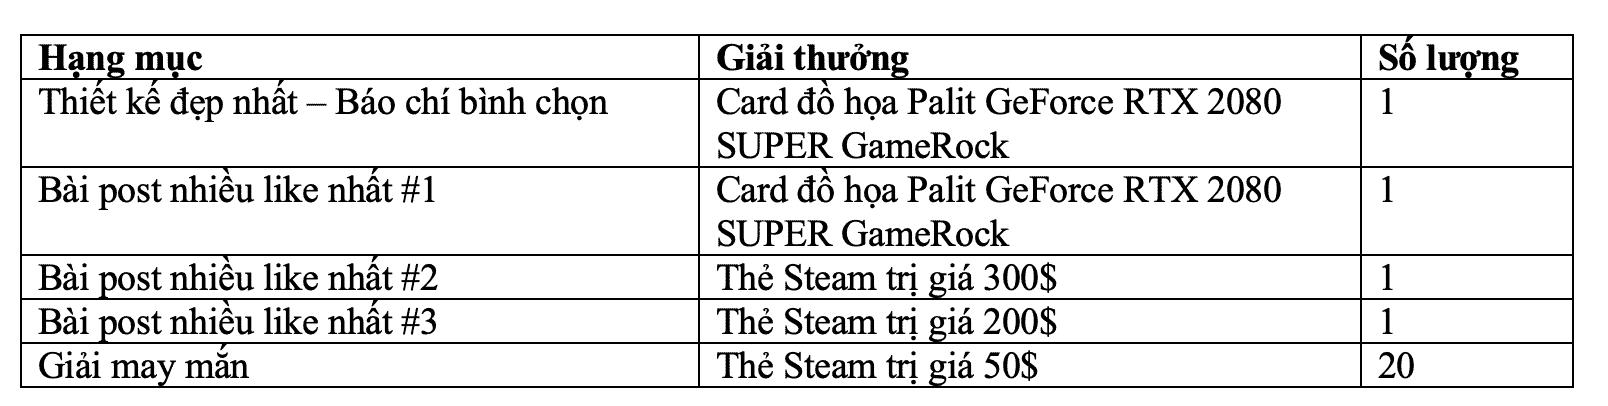 Palit tổ chức cuộc thi sáng tạo logo trên Minecraft với phần thưởng là RTX 2080